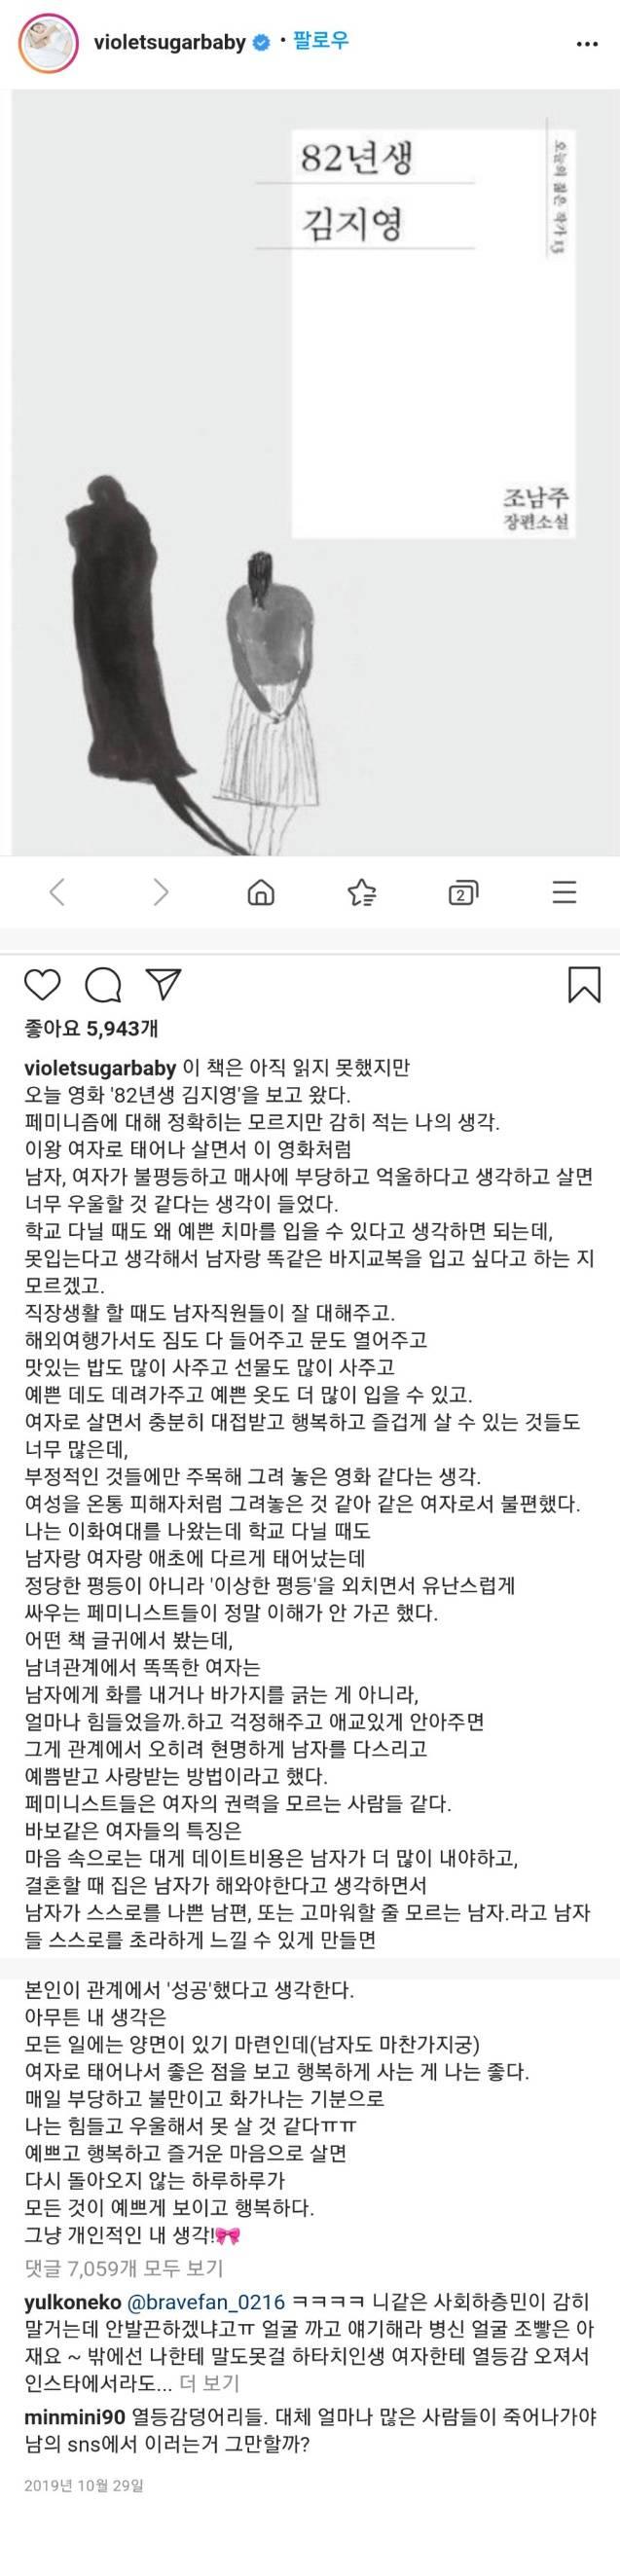 김나정 아나운서가 읽은 정신병 걸린 82년생 김지영